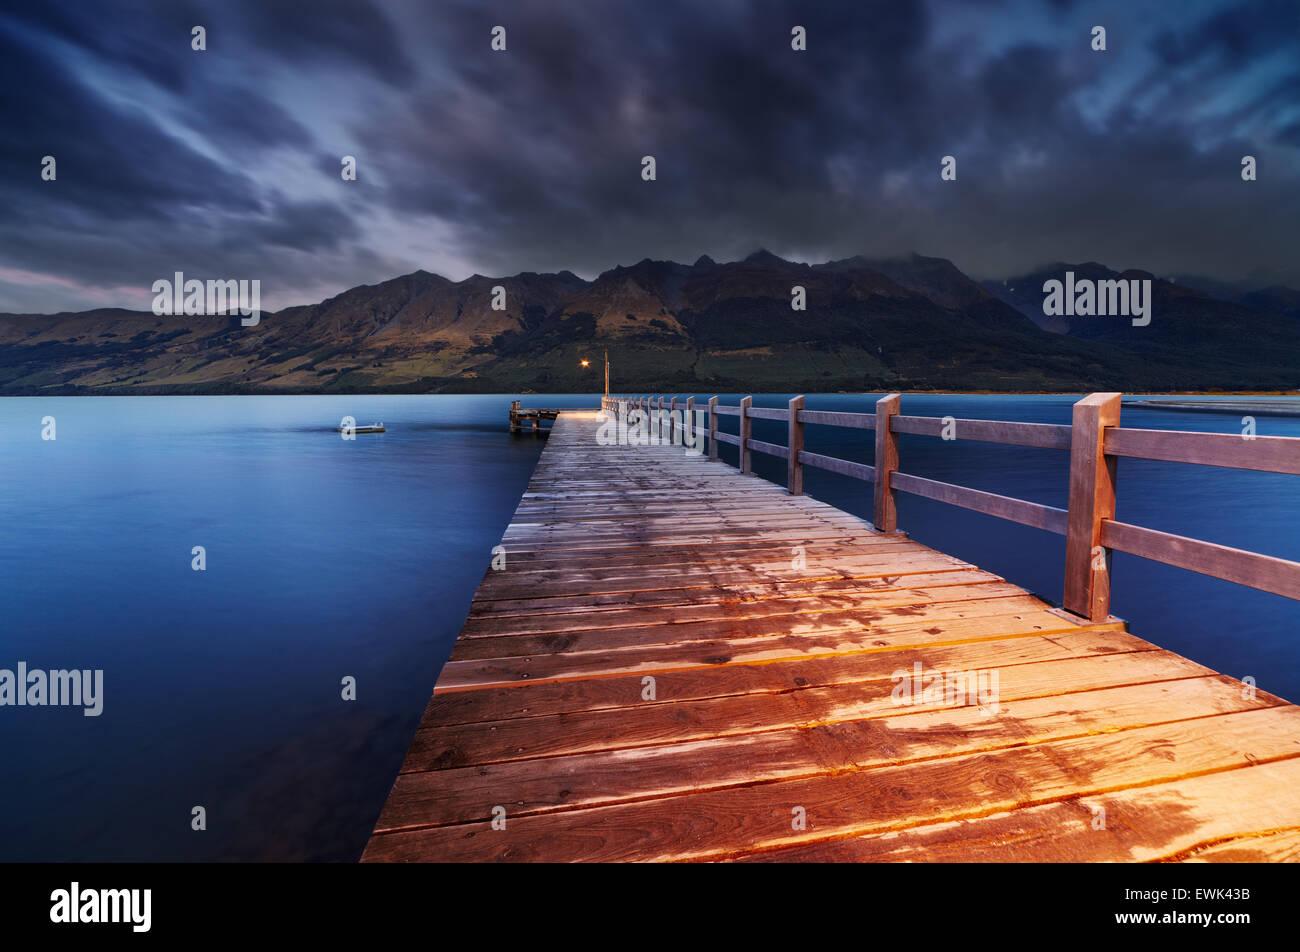 Il molo in legno, lago di Wakatipu all'alba, Glenorchy, Nuova Zelanda Immagini Stock